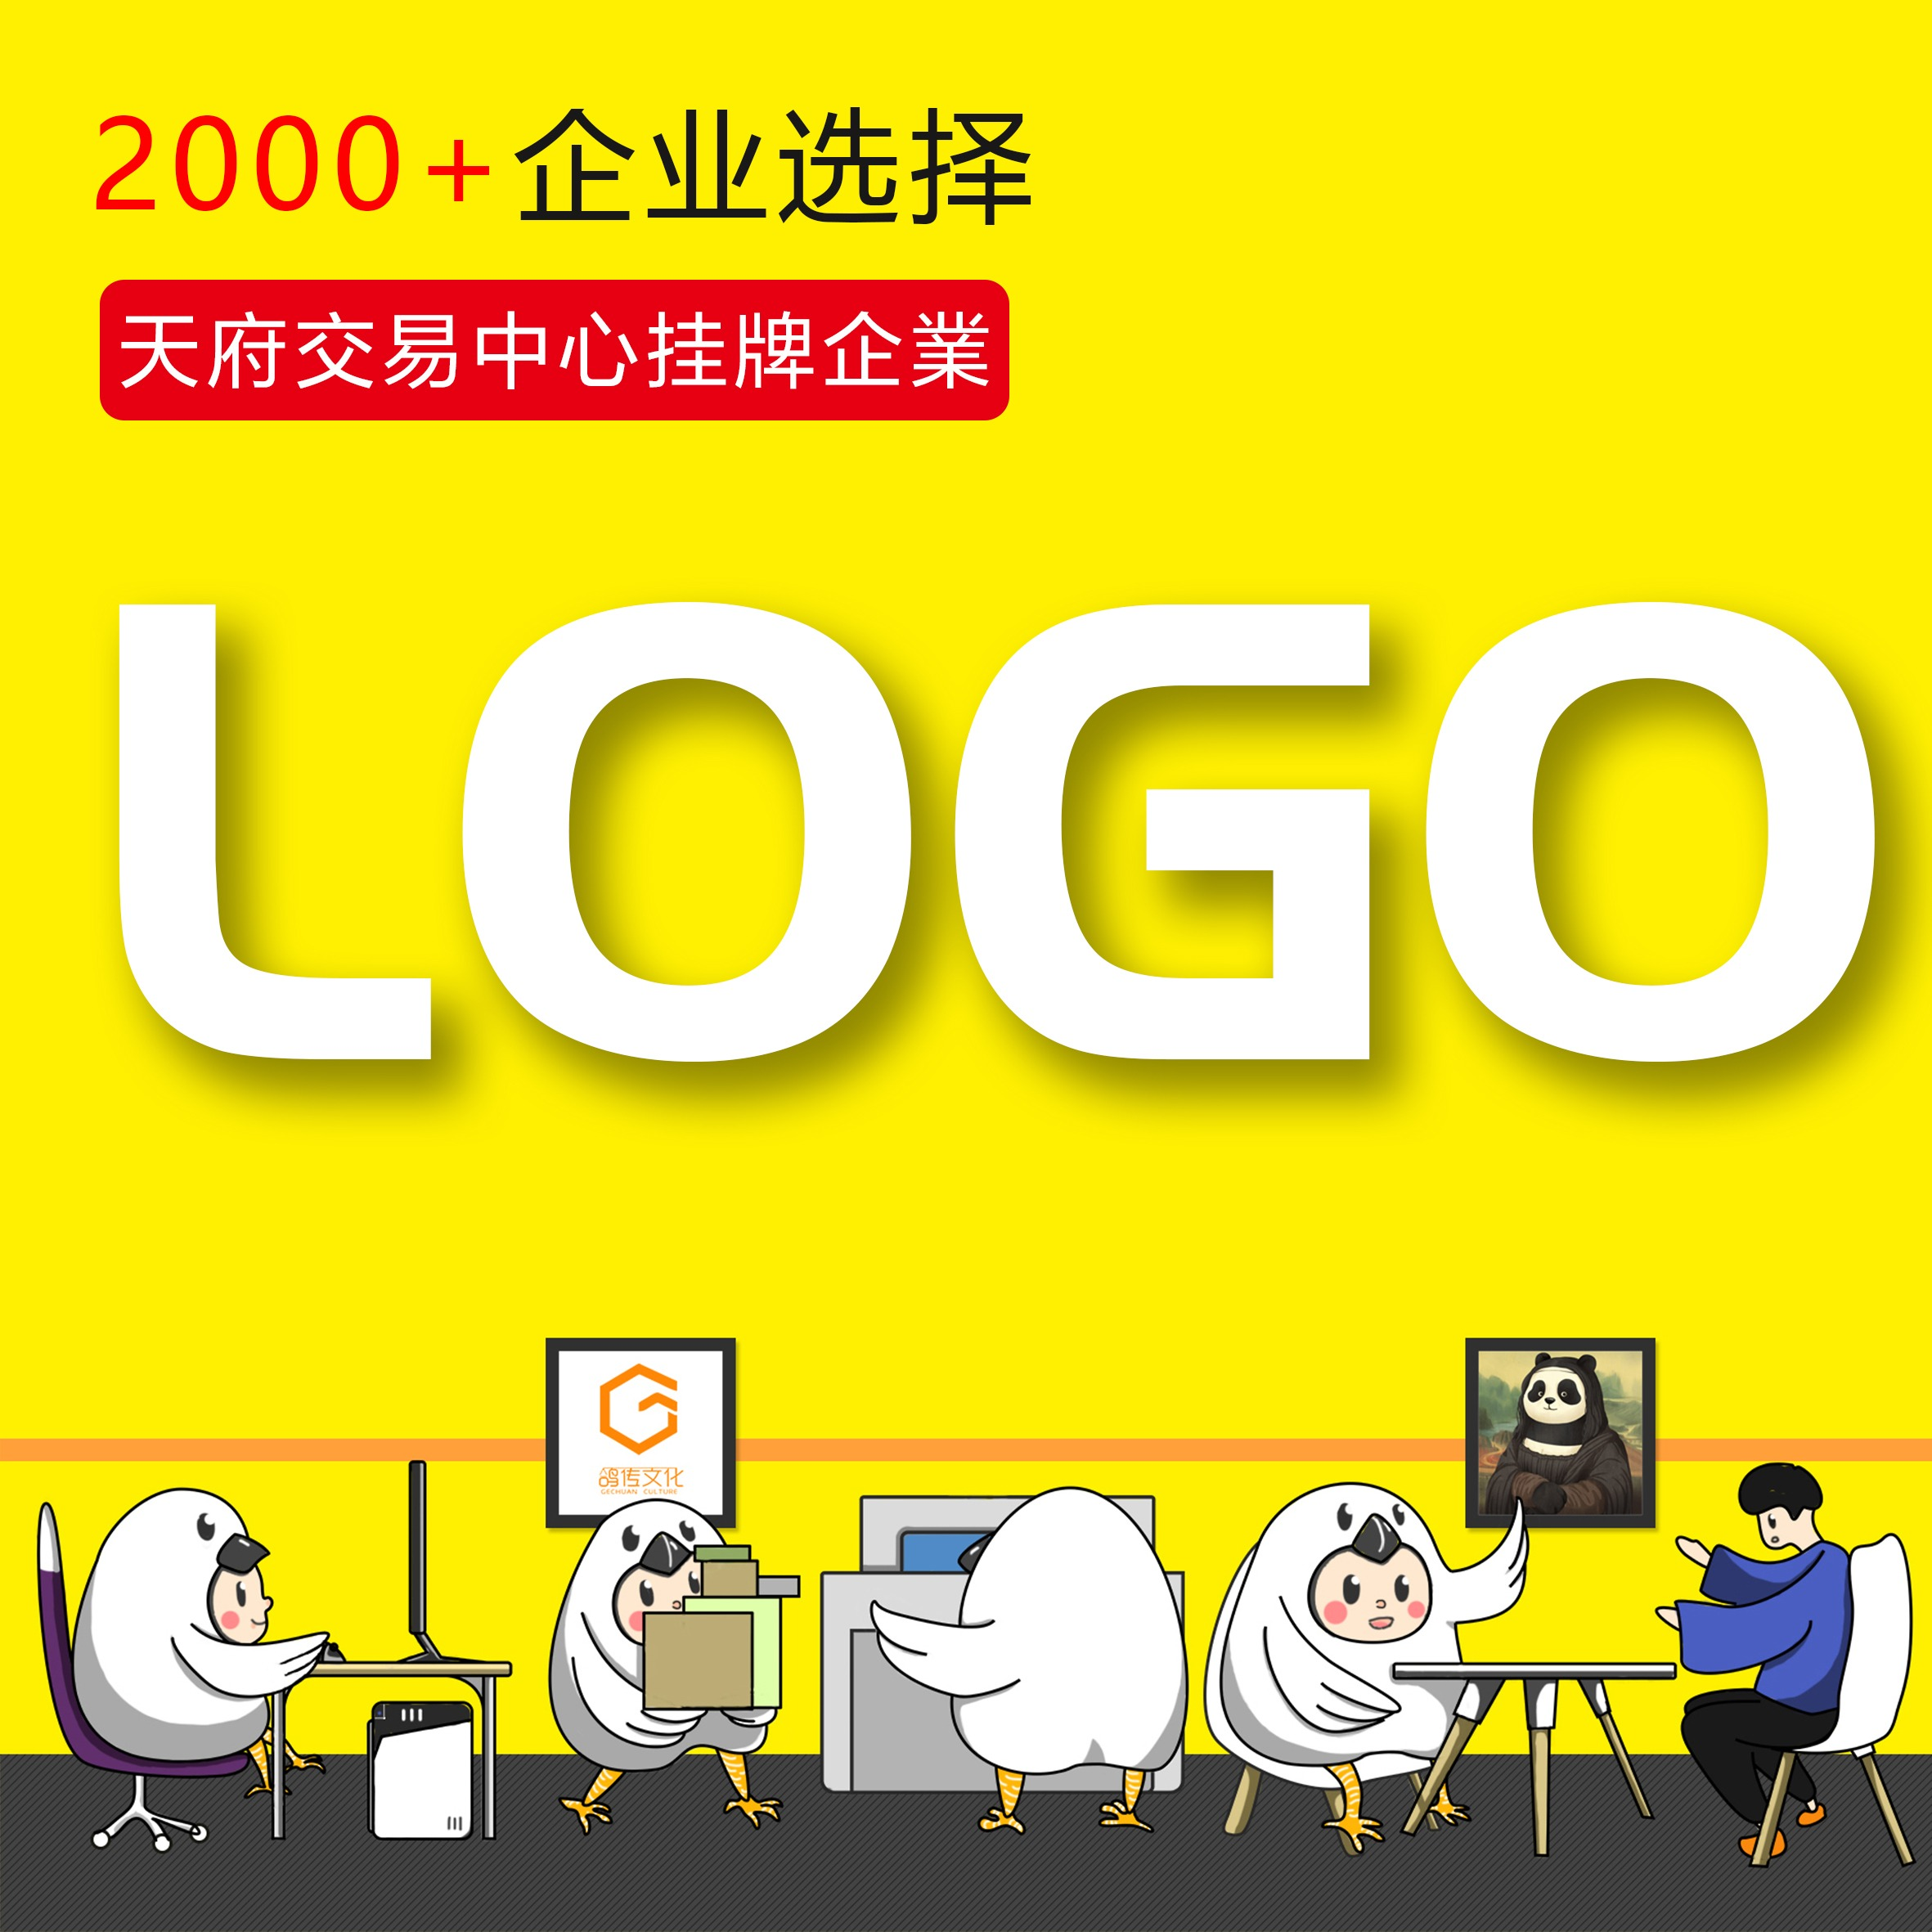 食品饮料IT互联网科技电商娱乐卡通手绘形象标志吉祥物LOGO